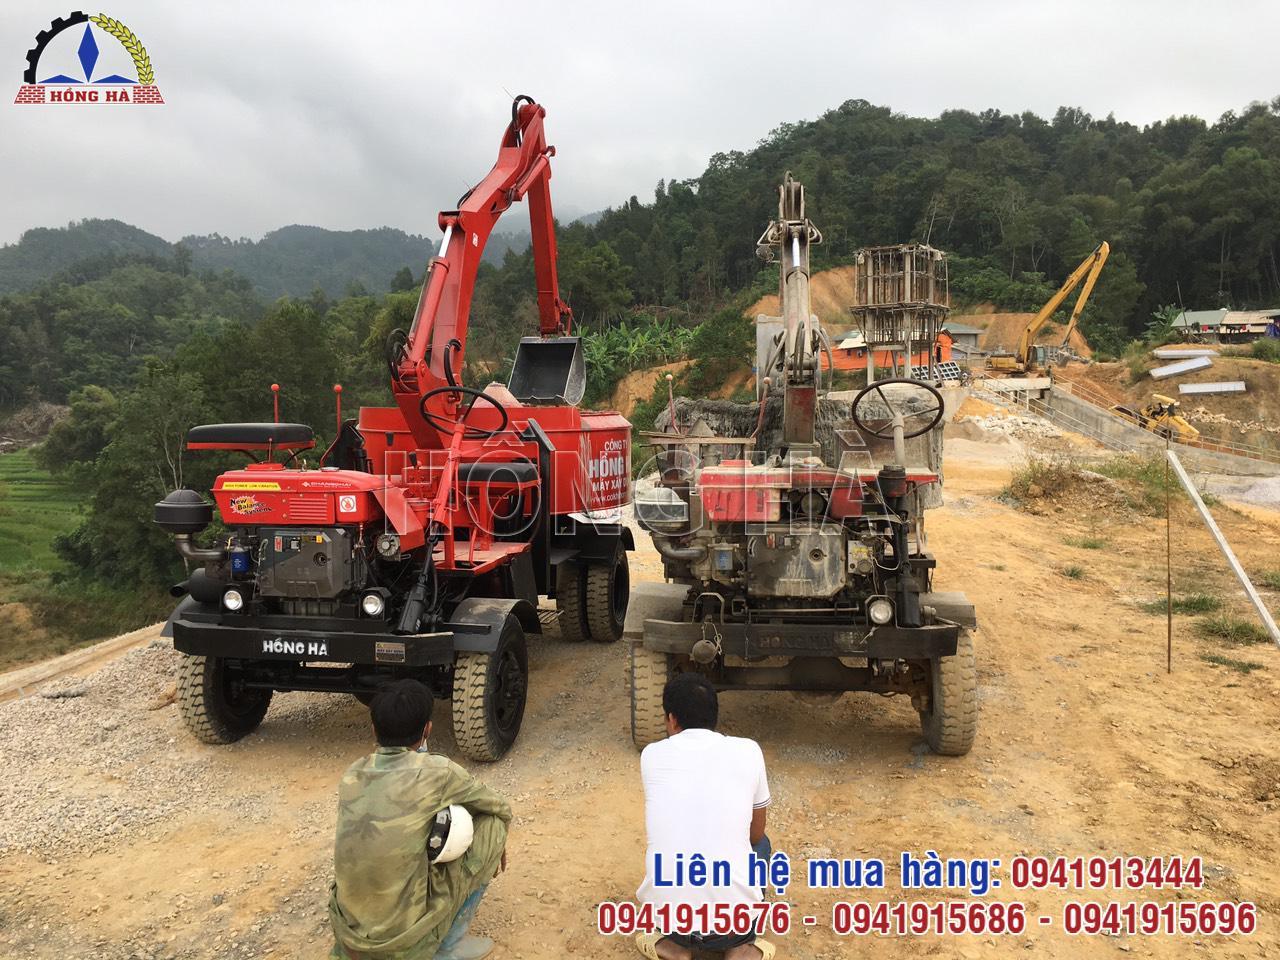 4 Khách hàng tại Cao Bằng nhận bàn giao máy trộn bê tông tự cấp liệu Hồng Hà